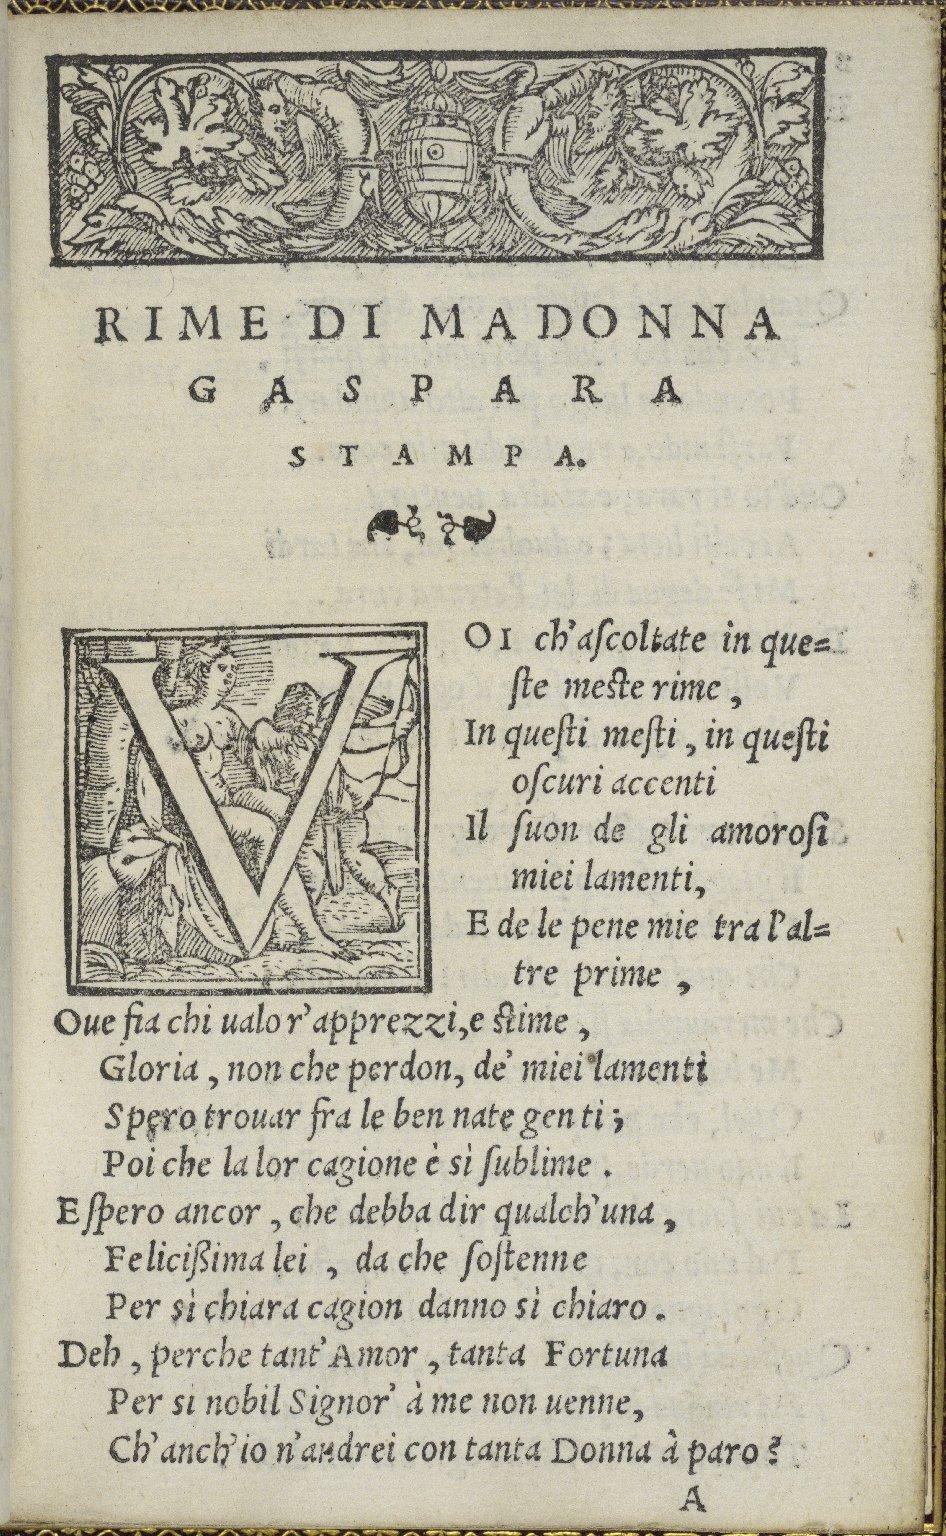 [Works. 1554] Rime / di Madonna Gaspara Stampa.